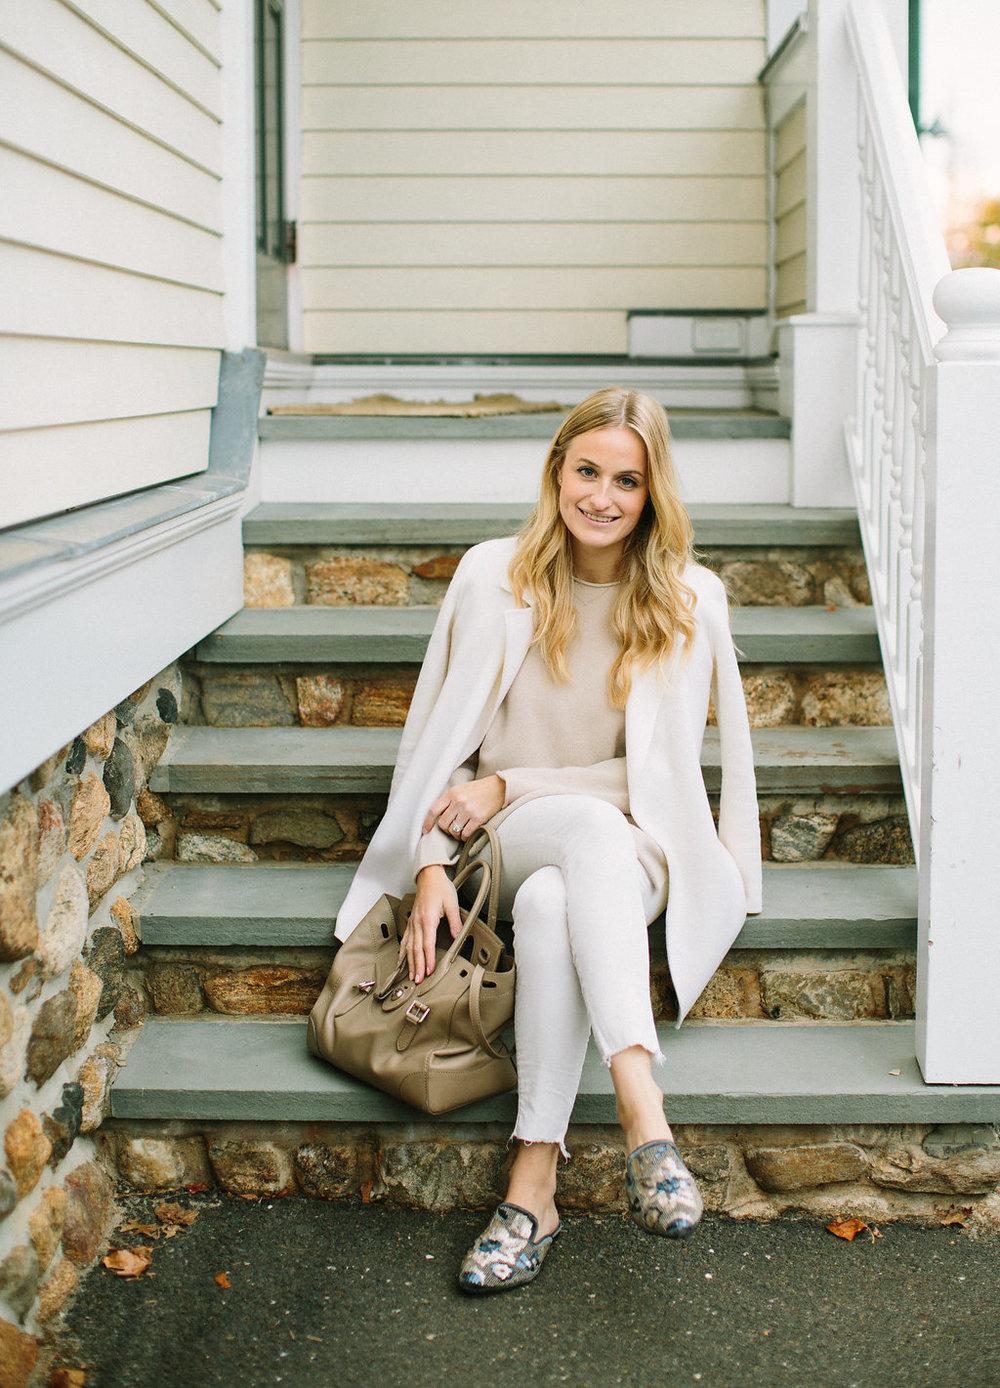 StephanieTrotta-Netaporter-TheGirlGuide-LindsayMaddenPhotography-10.jpg